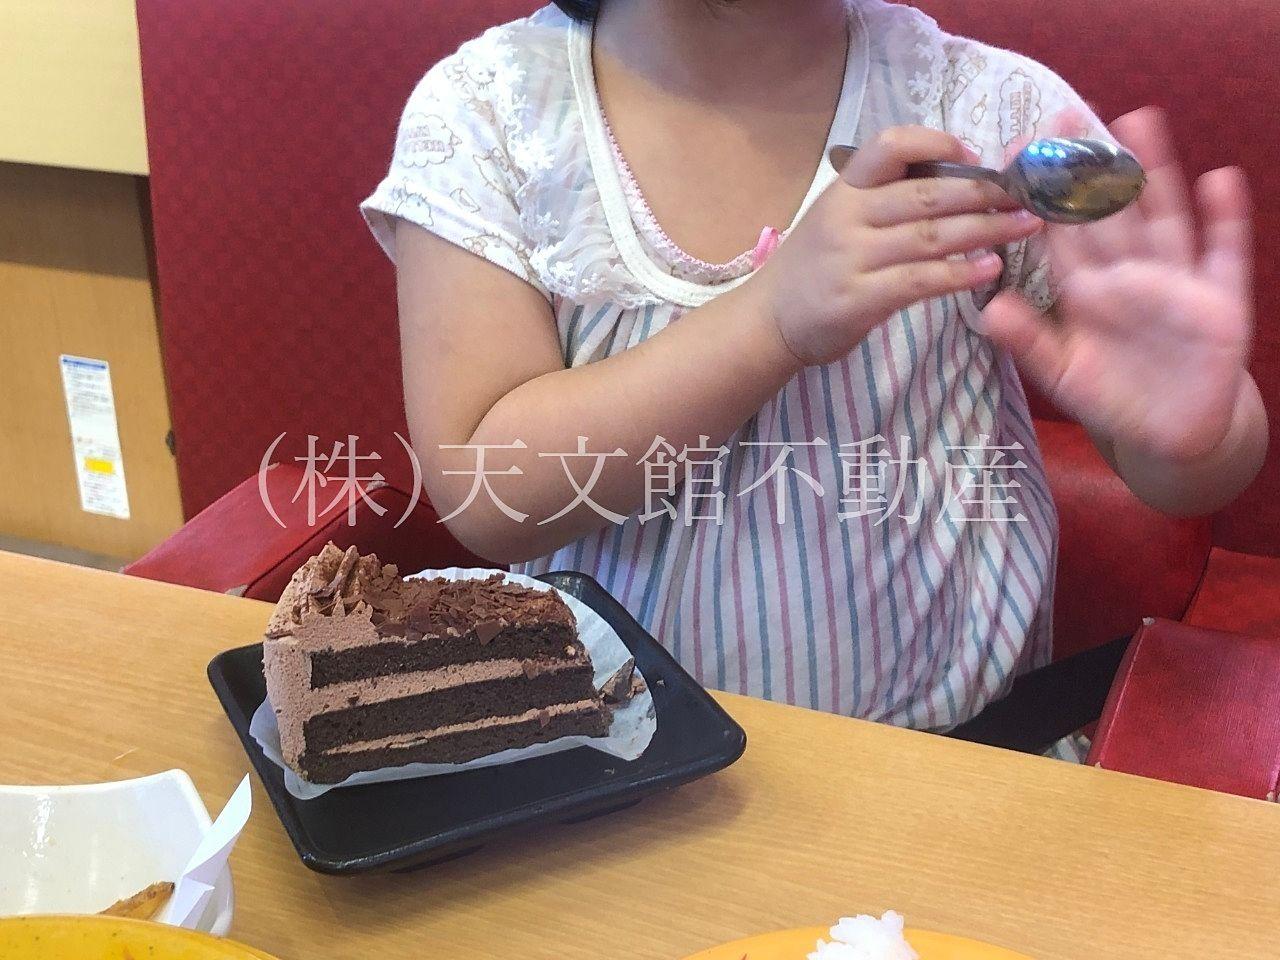 スシロー吉野店 デザート ケーキ アイス ジュース